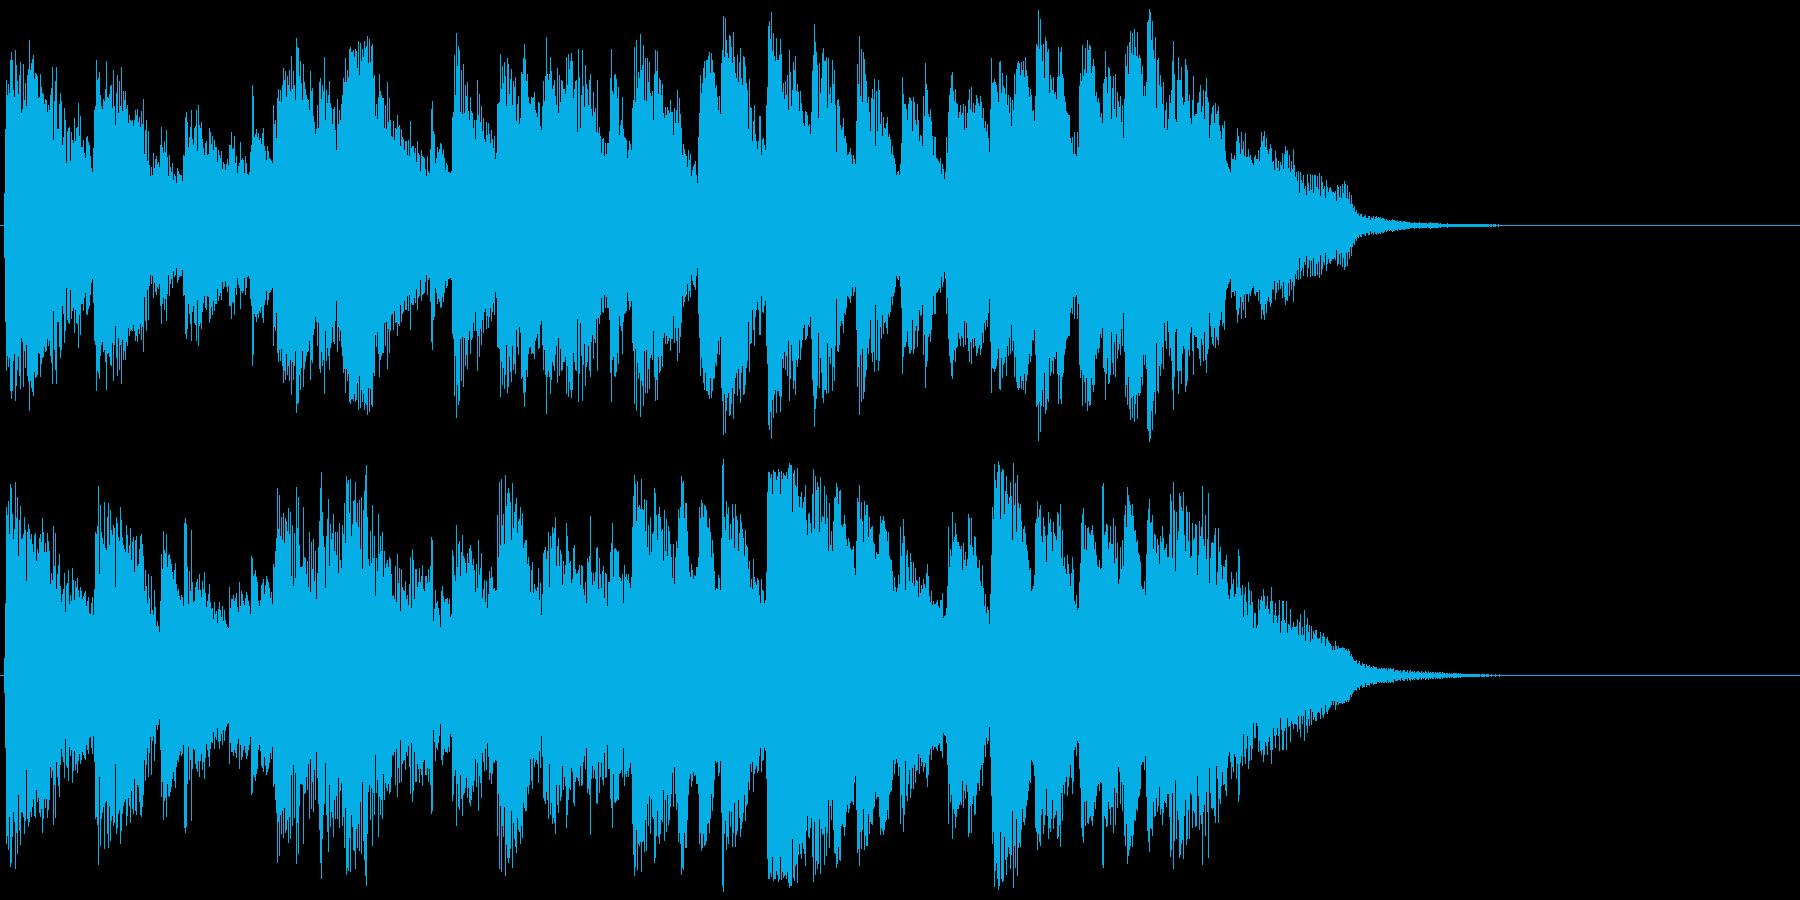 【ピアノ】バッハ風ジングル【15秒以内】の再生済みの波形